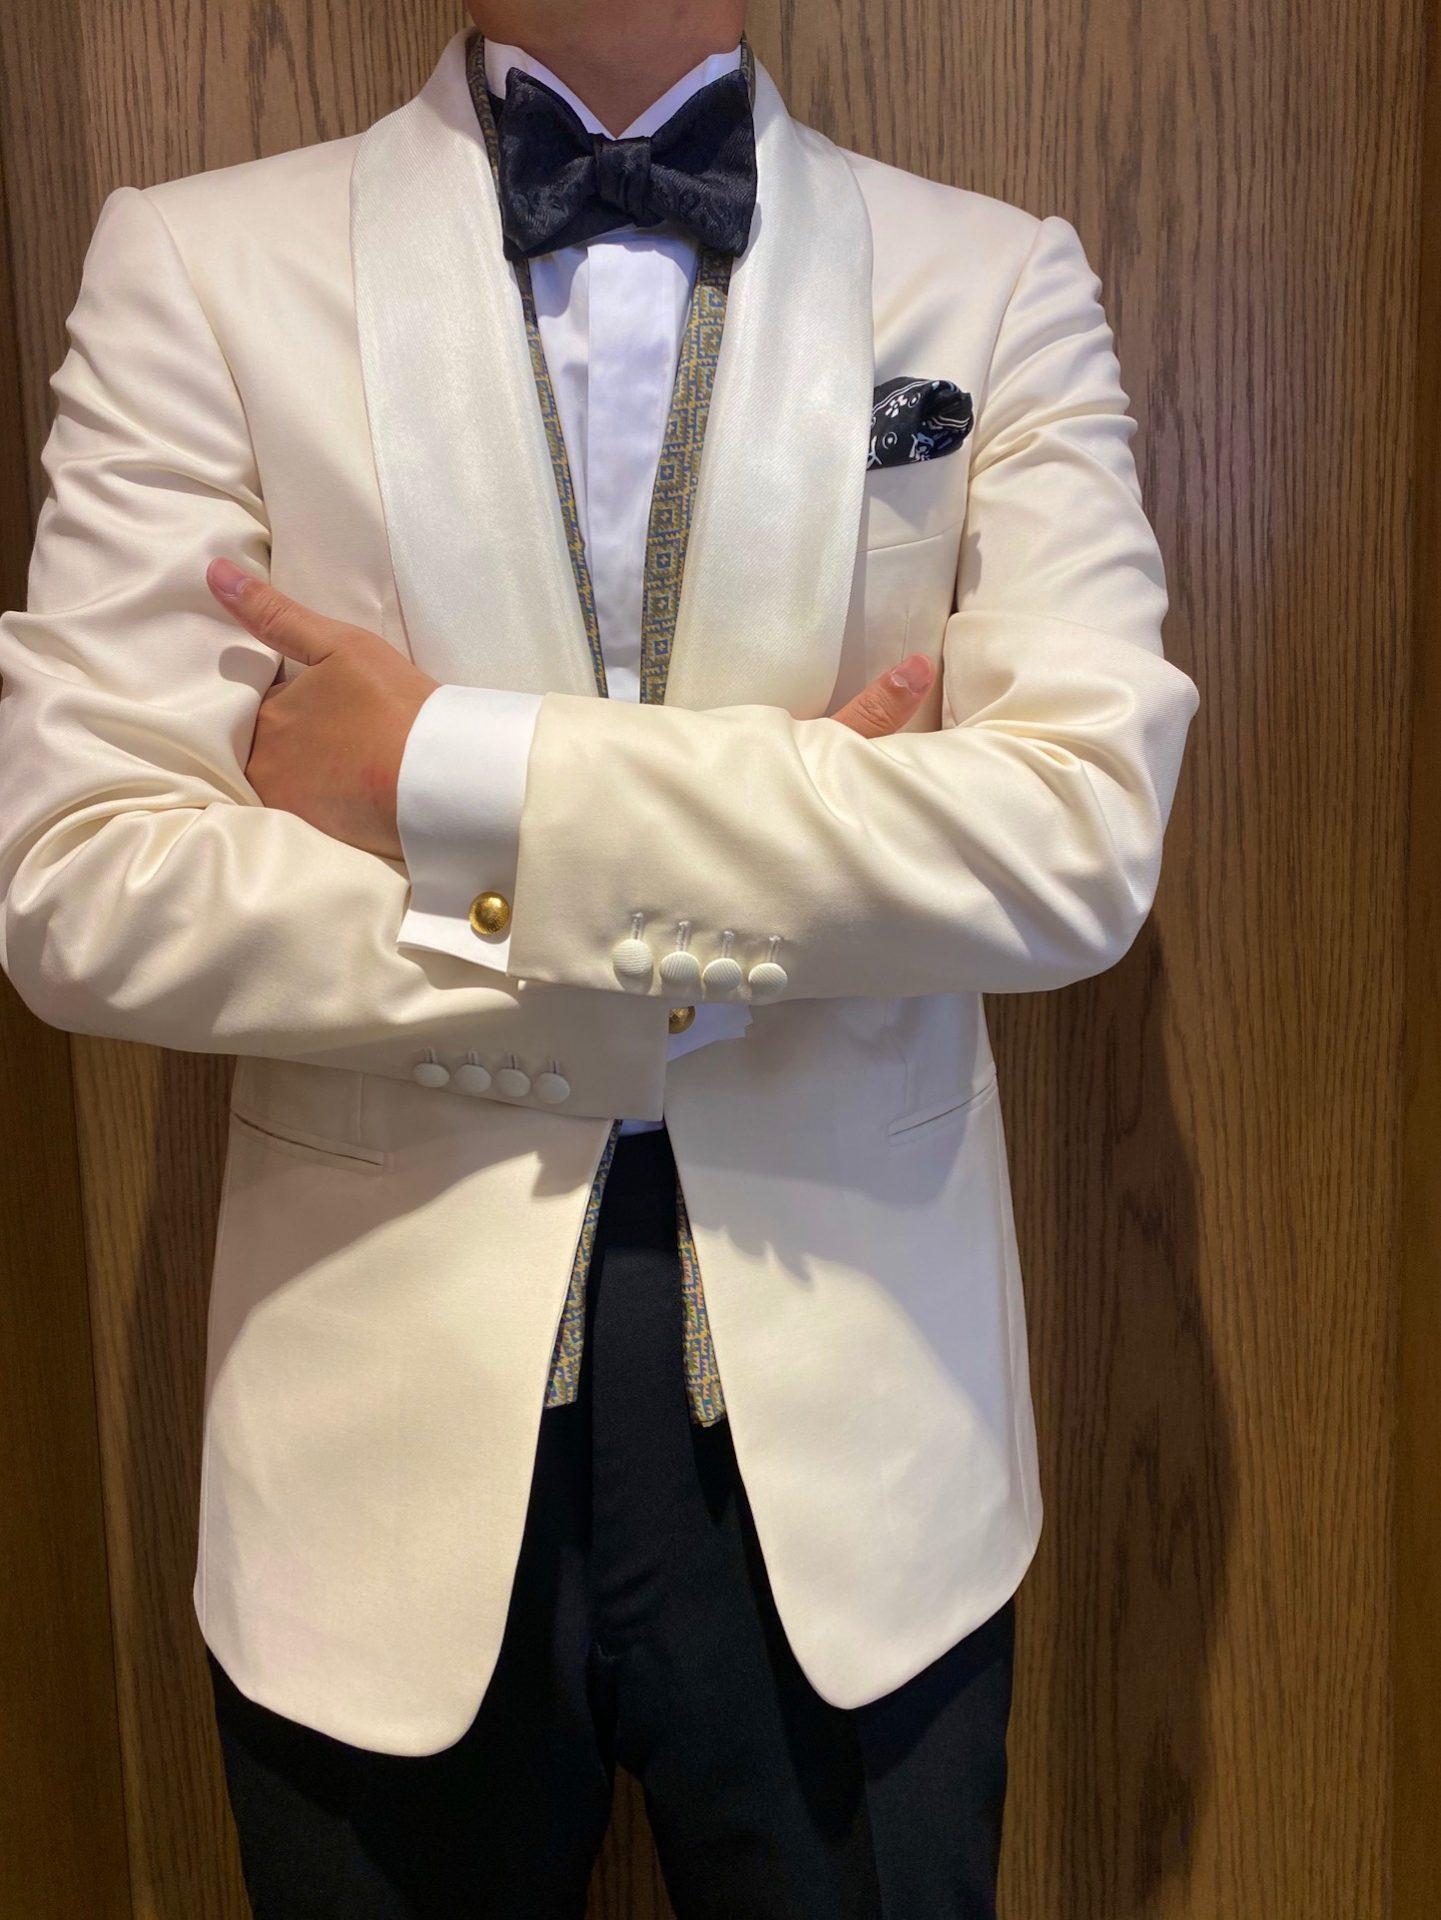 オーセンティックなタキシードからホワイトのジャケットにパーティーシーンで羽織変えたエレガントなスタイル